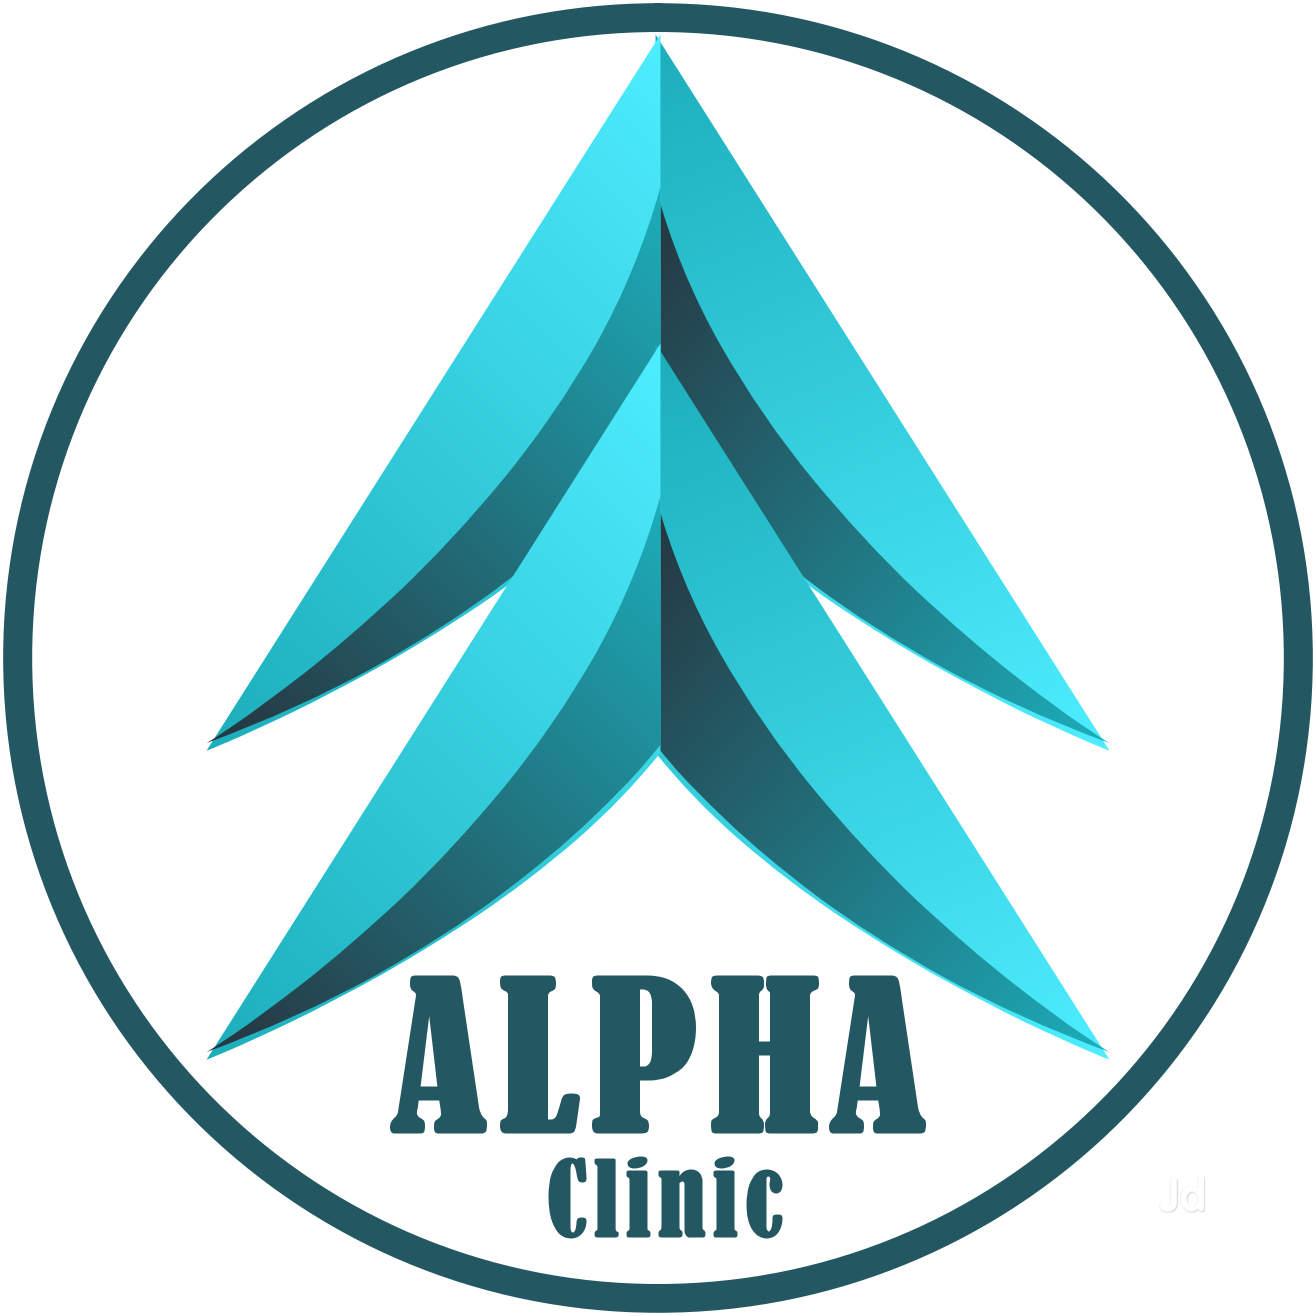 Alpha Clinic General Physician Doctors Book Appointment Online General Physician Doctors In Gudiyattam Ho Gudiyattam Justdial